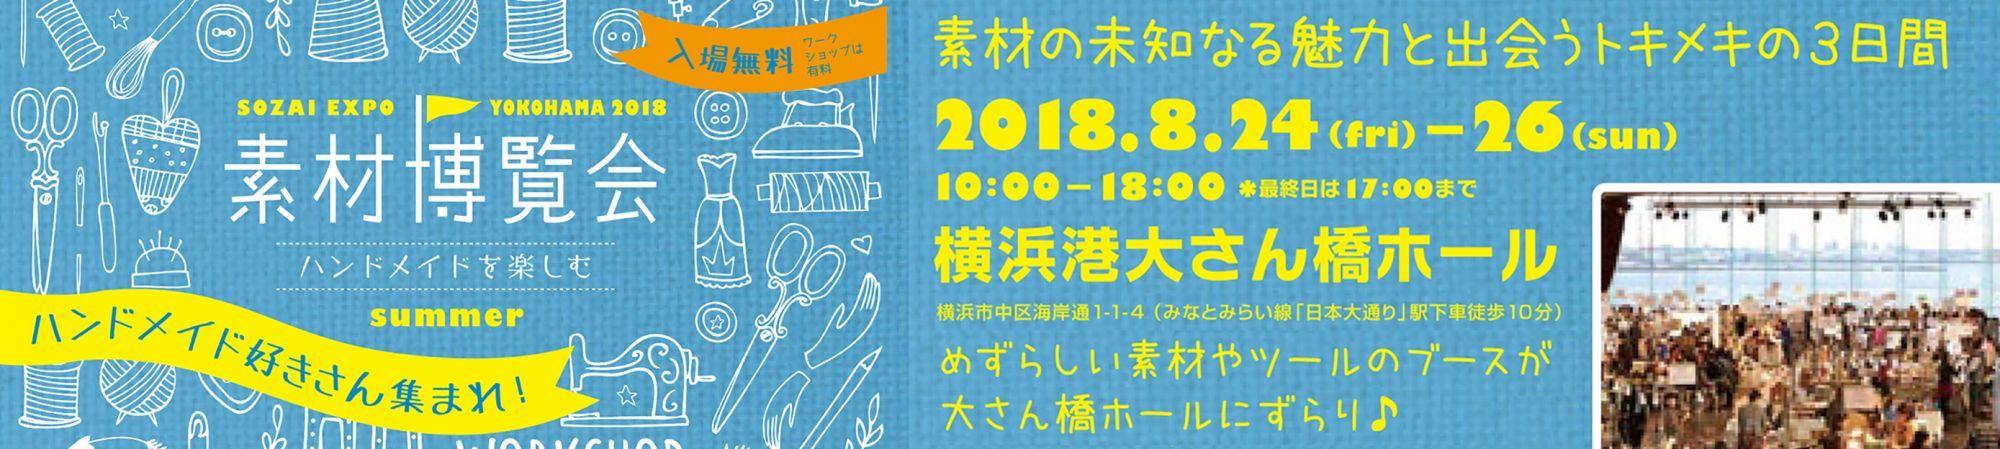 素材博覧会2018 -YOKOHAMA 夏- 公式HP